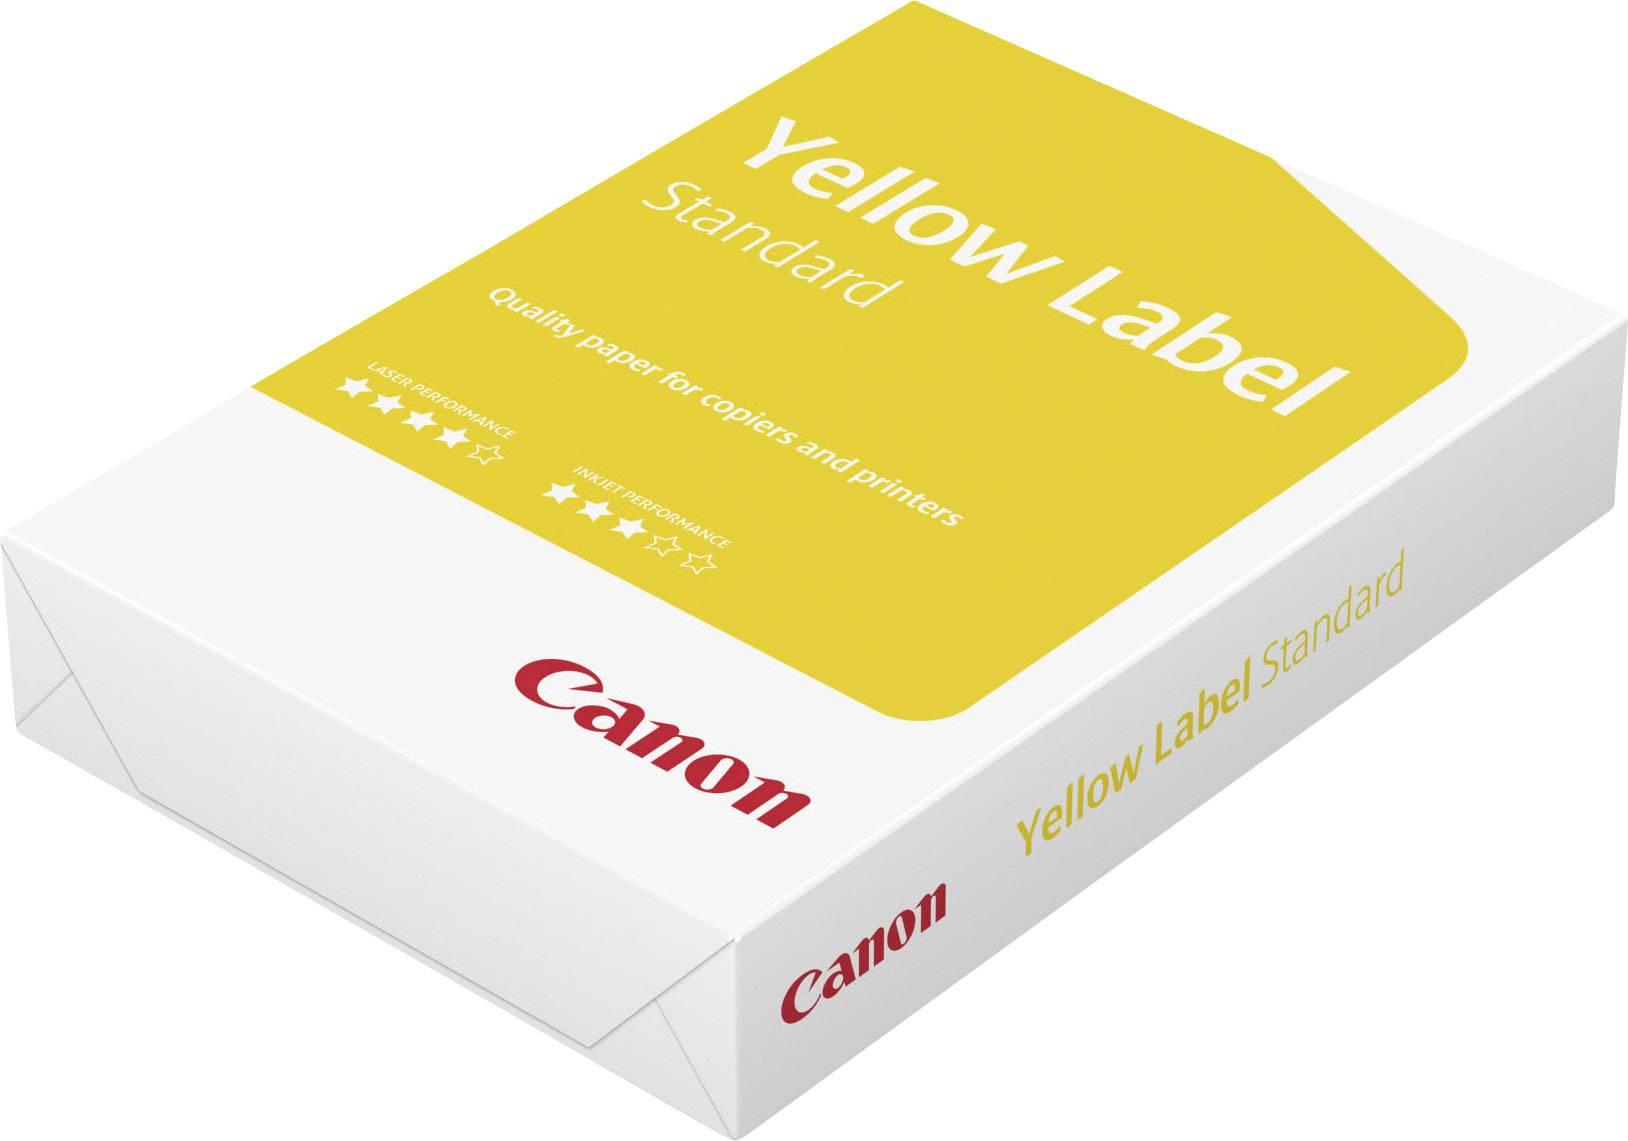 Univerzální papír do tiskárny Canon Yellow Label Standard, 96600554 A4, 80 gm², 500 listů